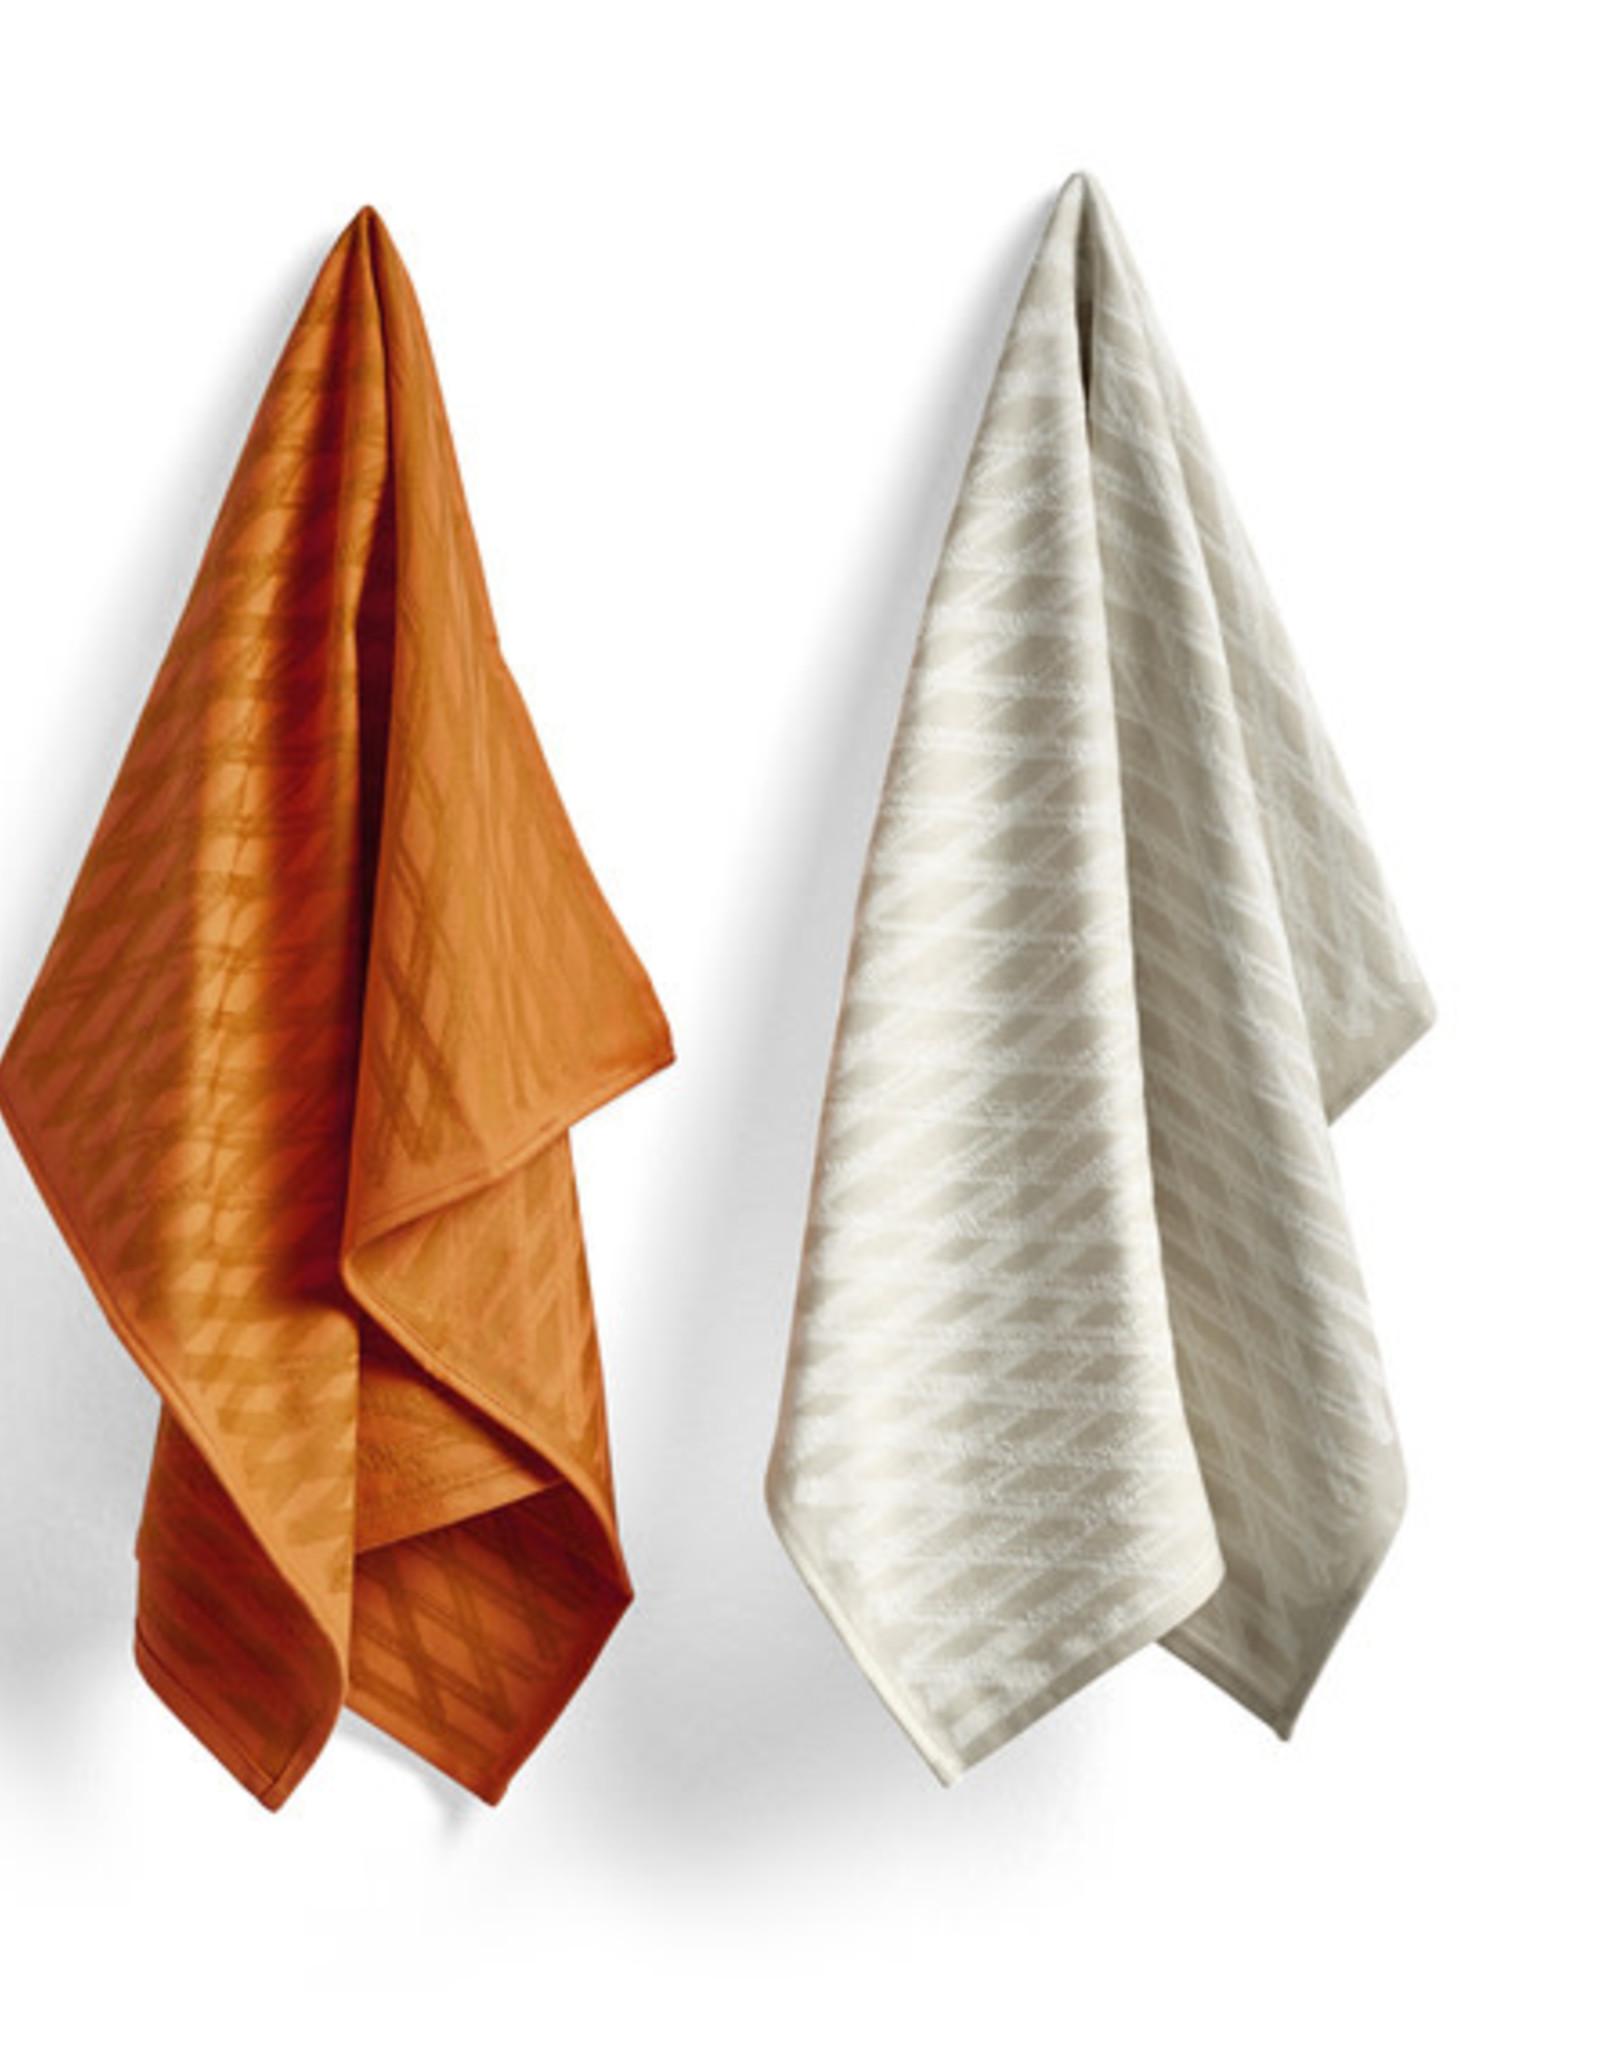 HAY HAY Tea Towel S&B Set of 2 NO2 Marker Diamond